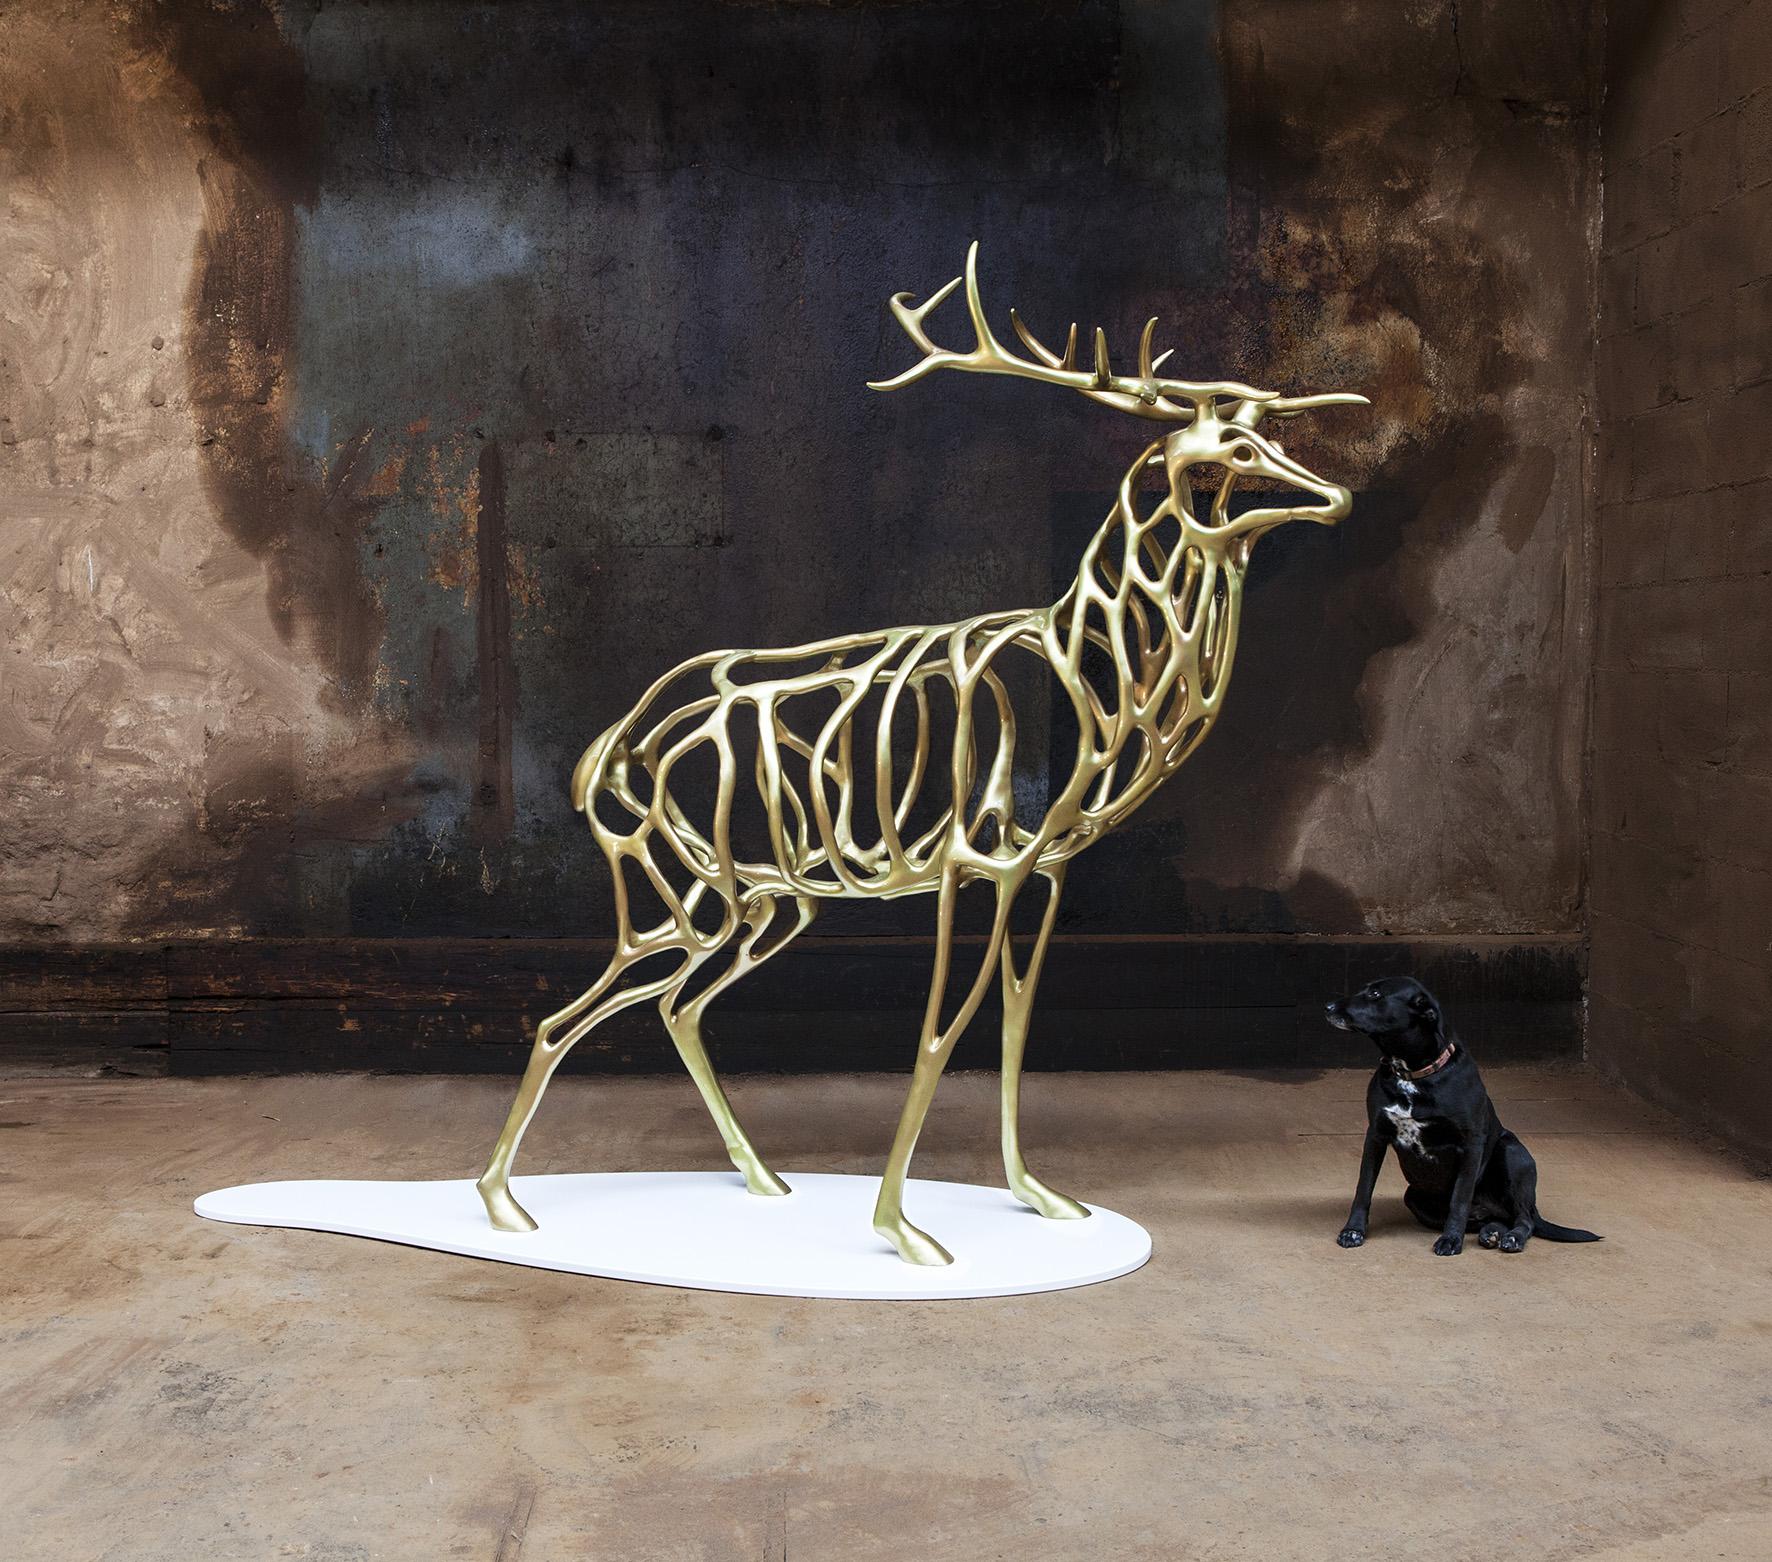 Richard Texier artiste sculpture  Deer 2015 - 200 x 221 x 100 cm_2